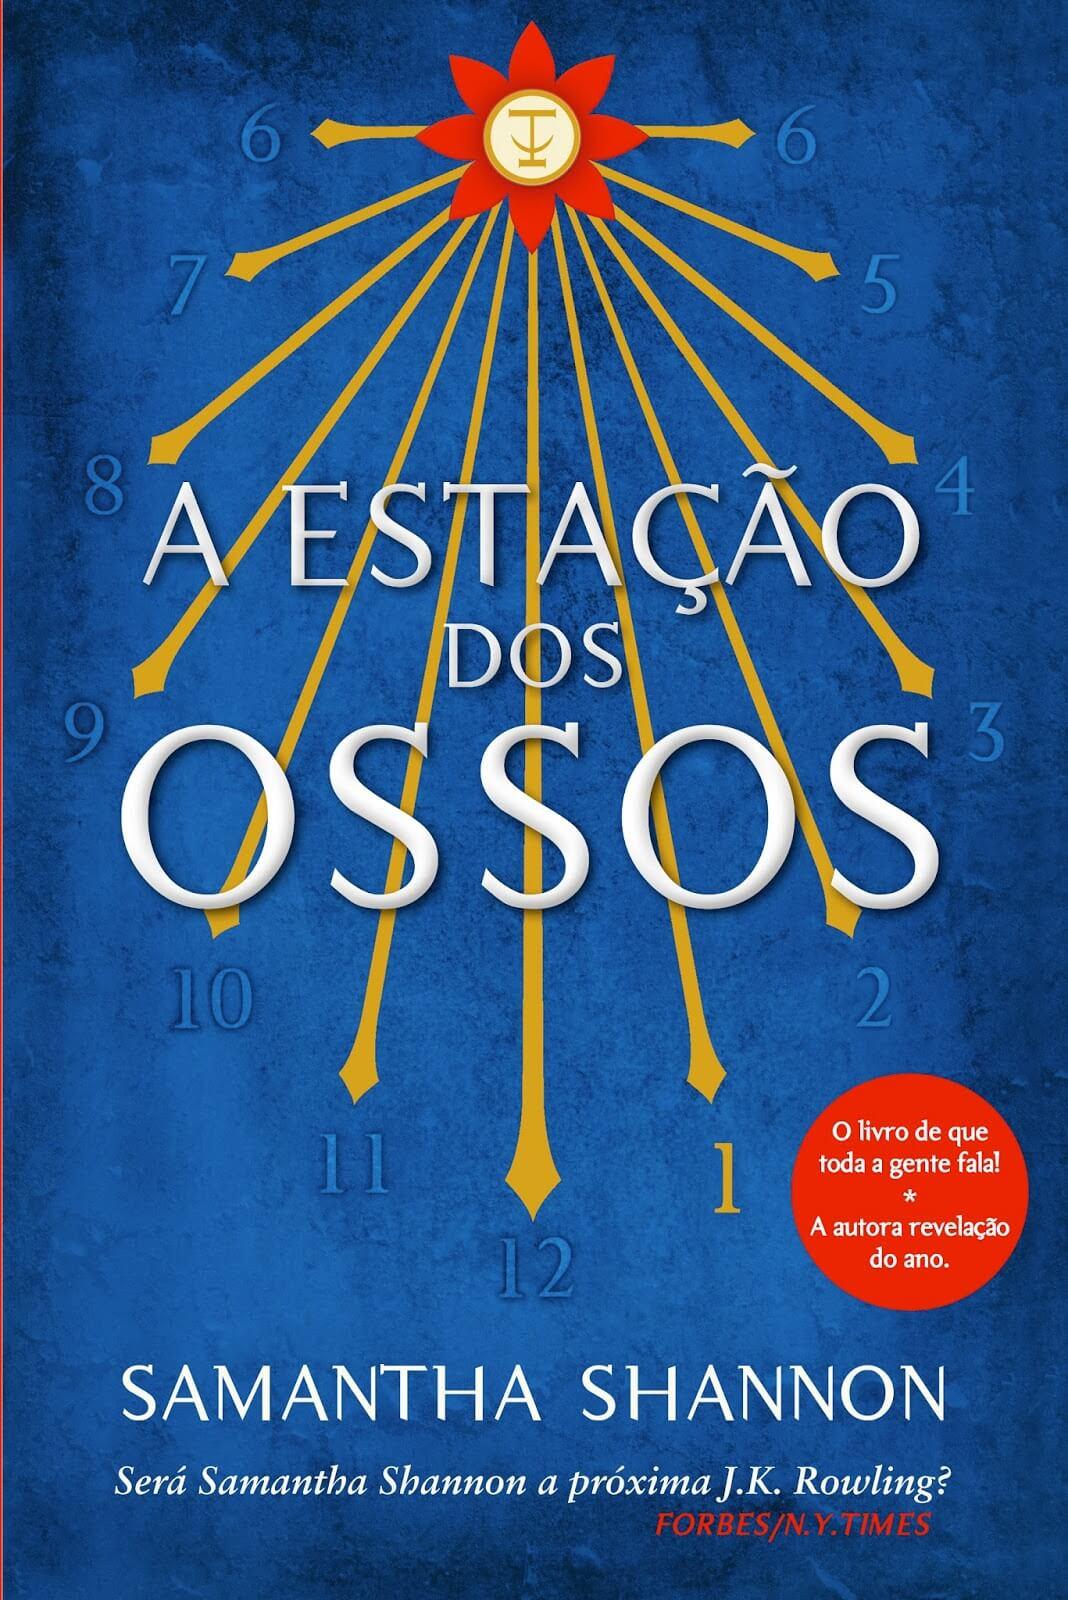 _opt_VOLUME1_CAPAS-UPLOAD_CAPAS_GRUPO_LEYA_OFICINA_LIVRO_EGM_Casa_Letras_9789724622040_a_estacao_dos_ossos